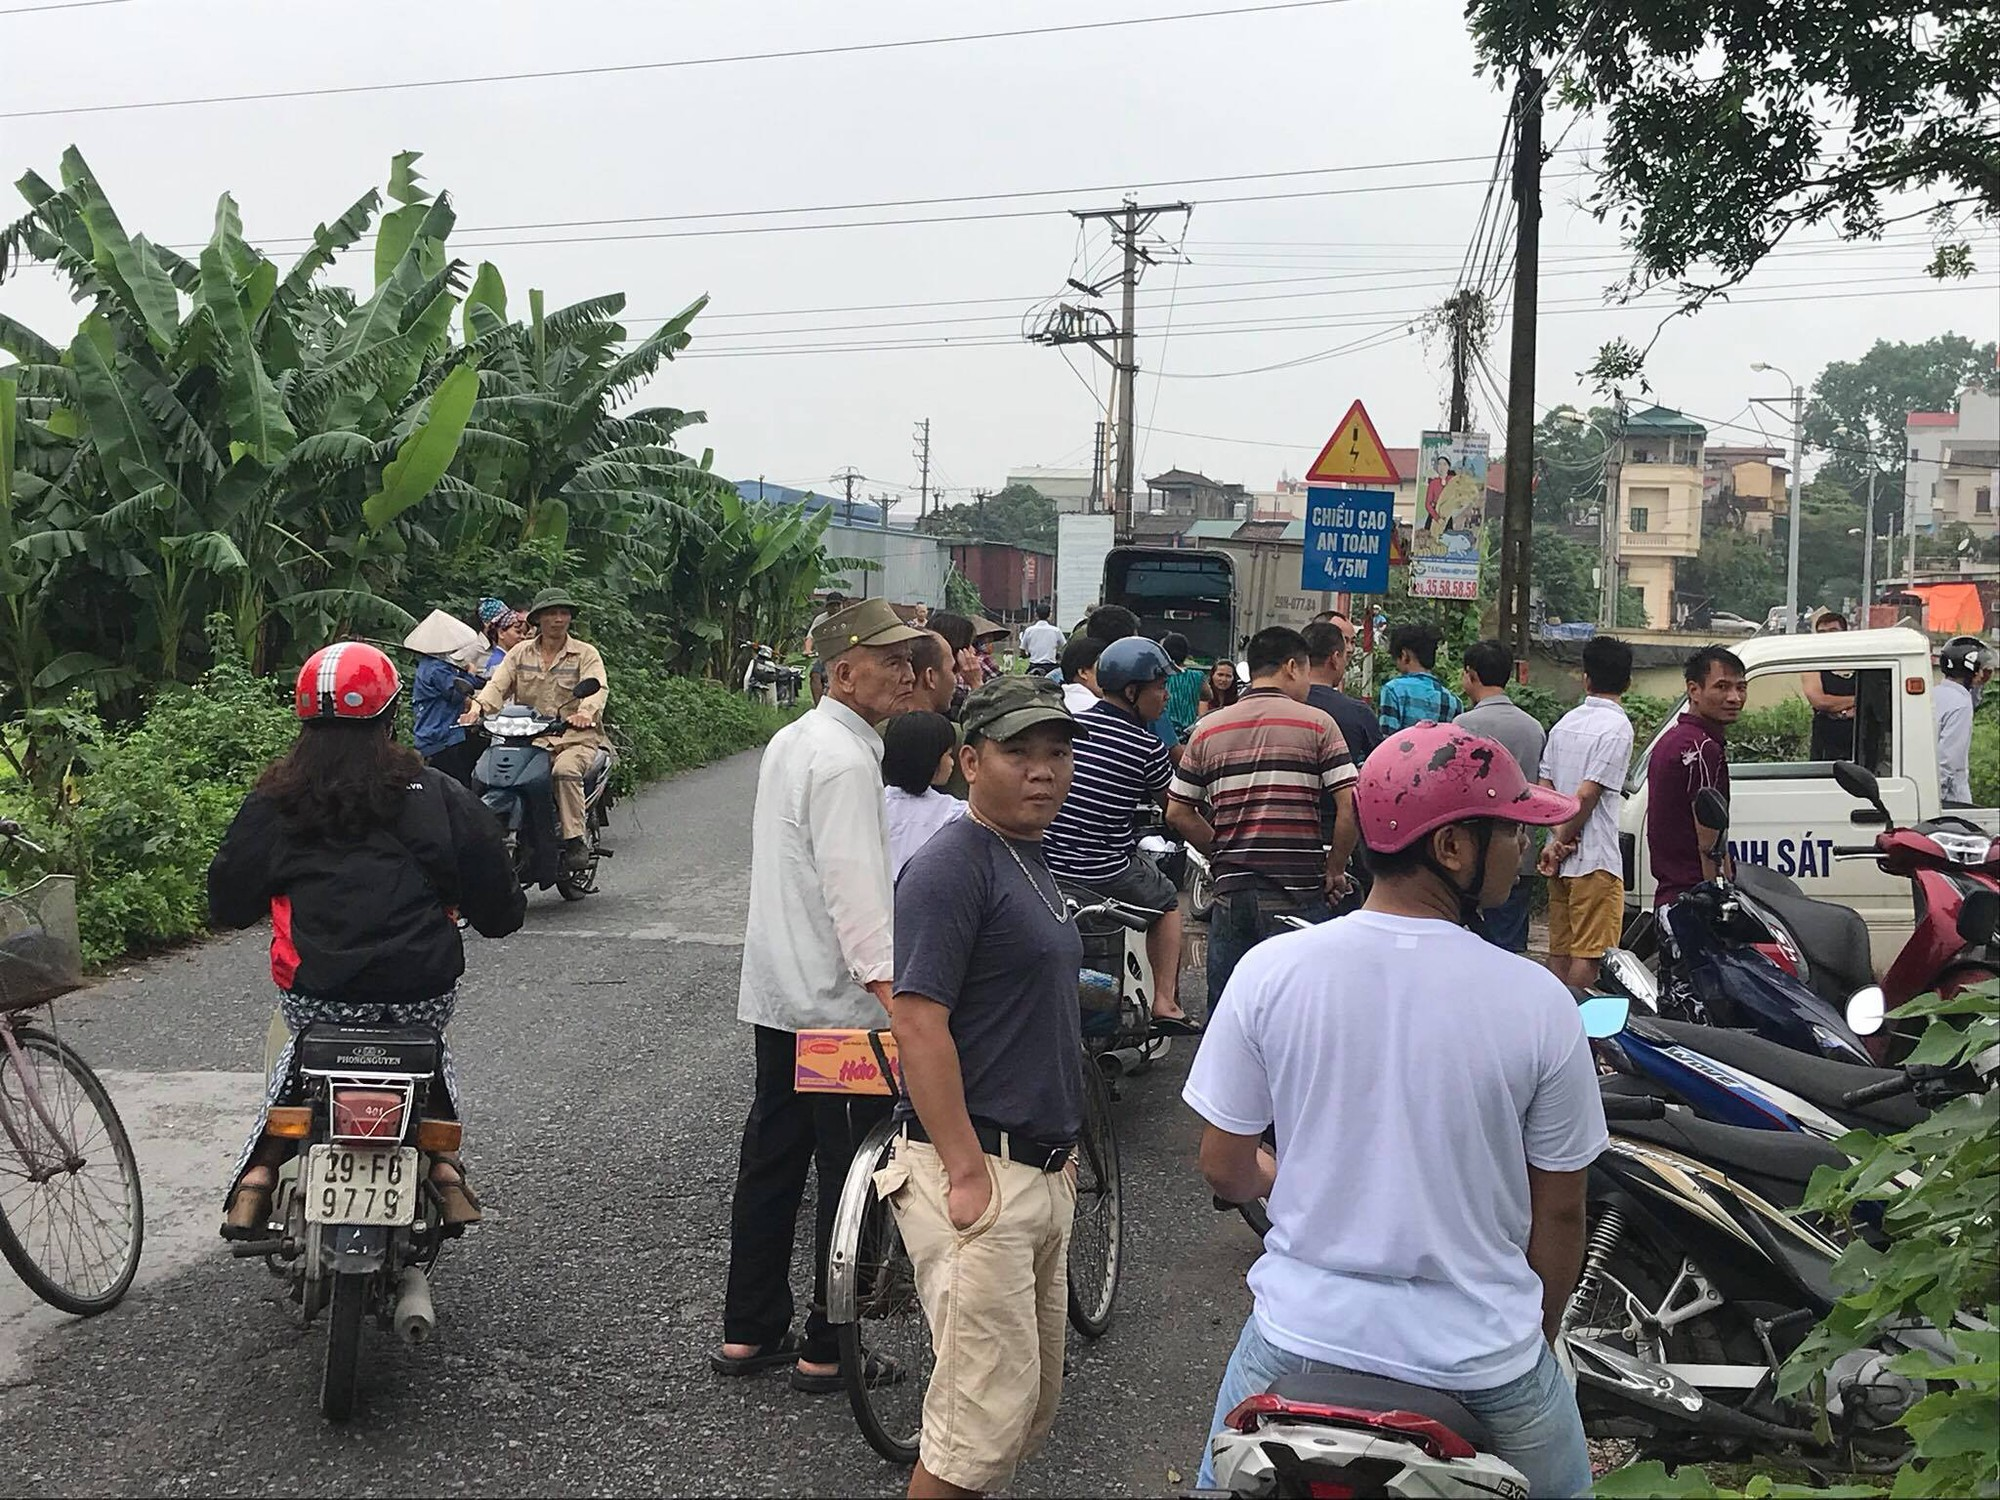 Hà Nội: Phát hiện nam thanh niên tử vong bên gốc cây cạnh chiếc xe máy sau đêm mưa - Ảnh 2.